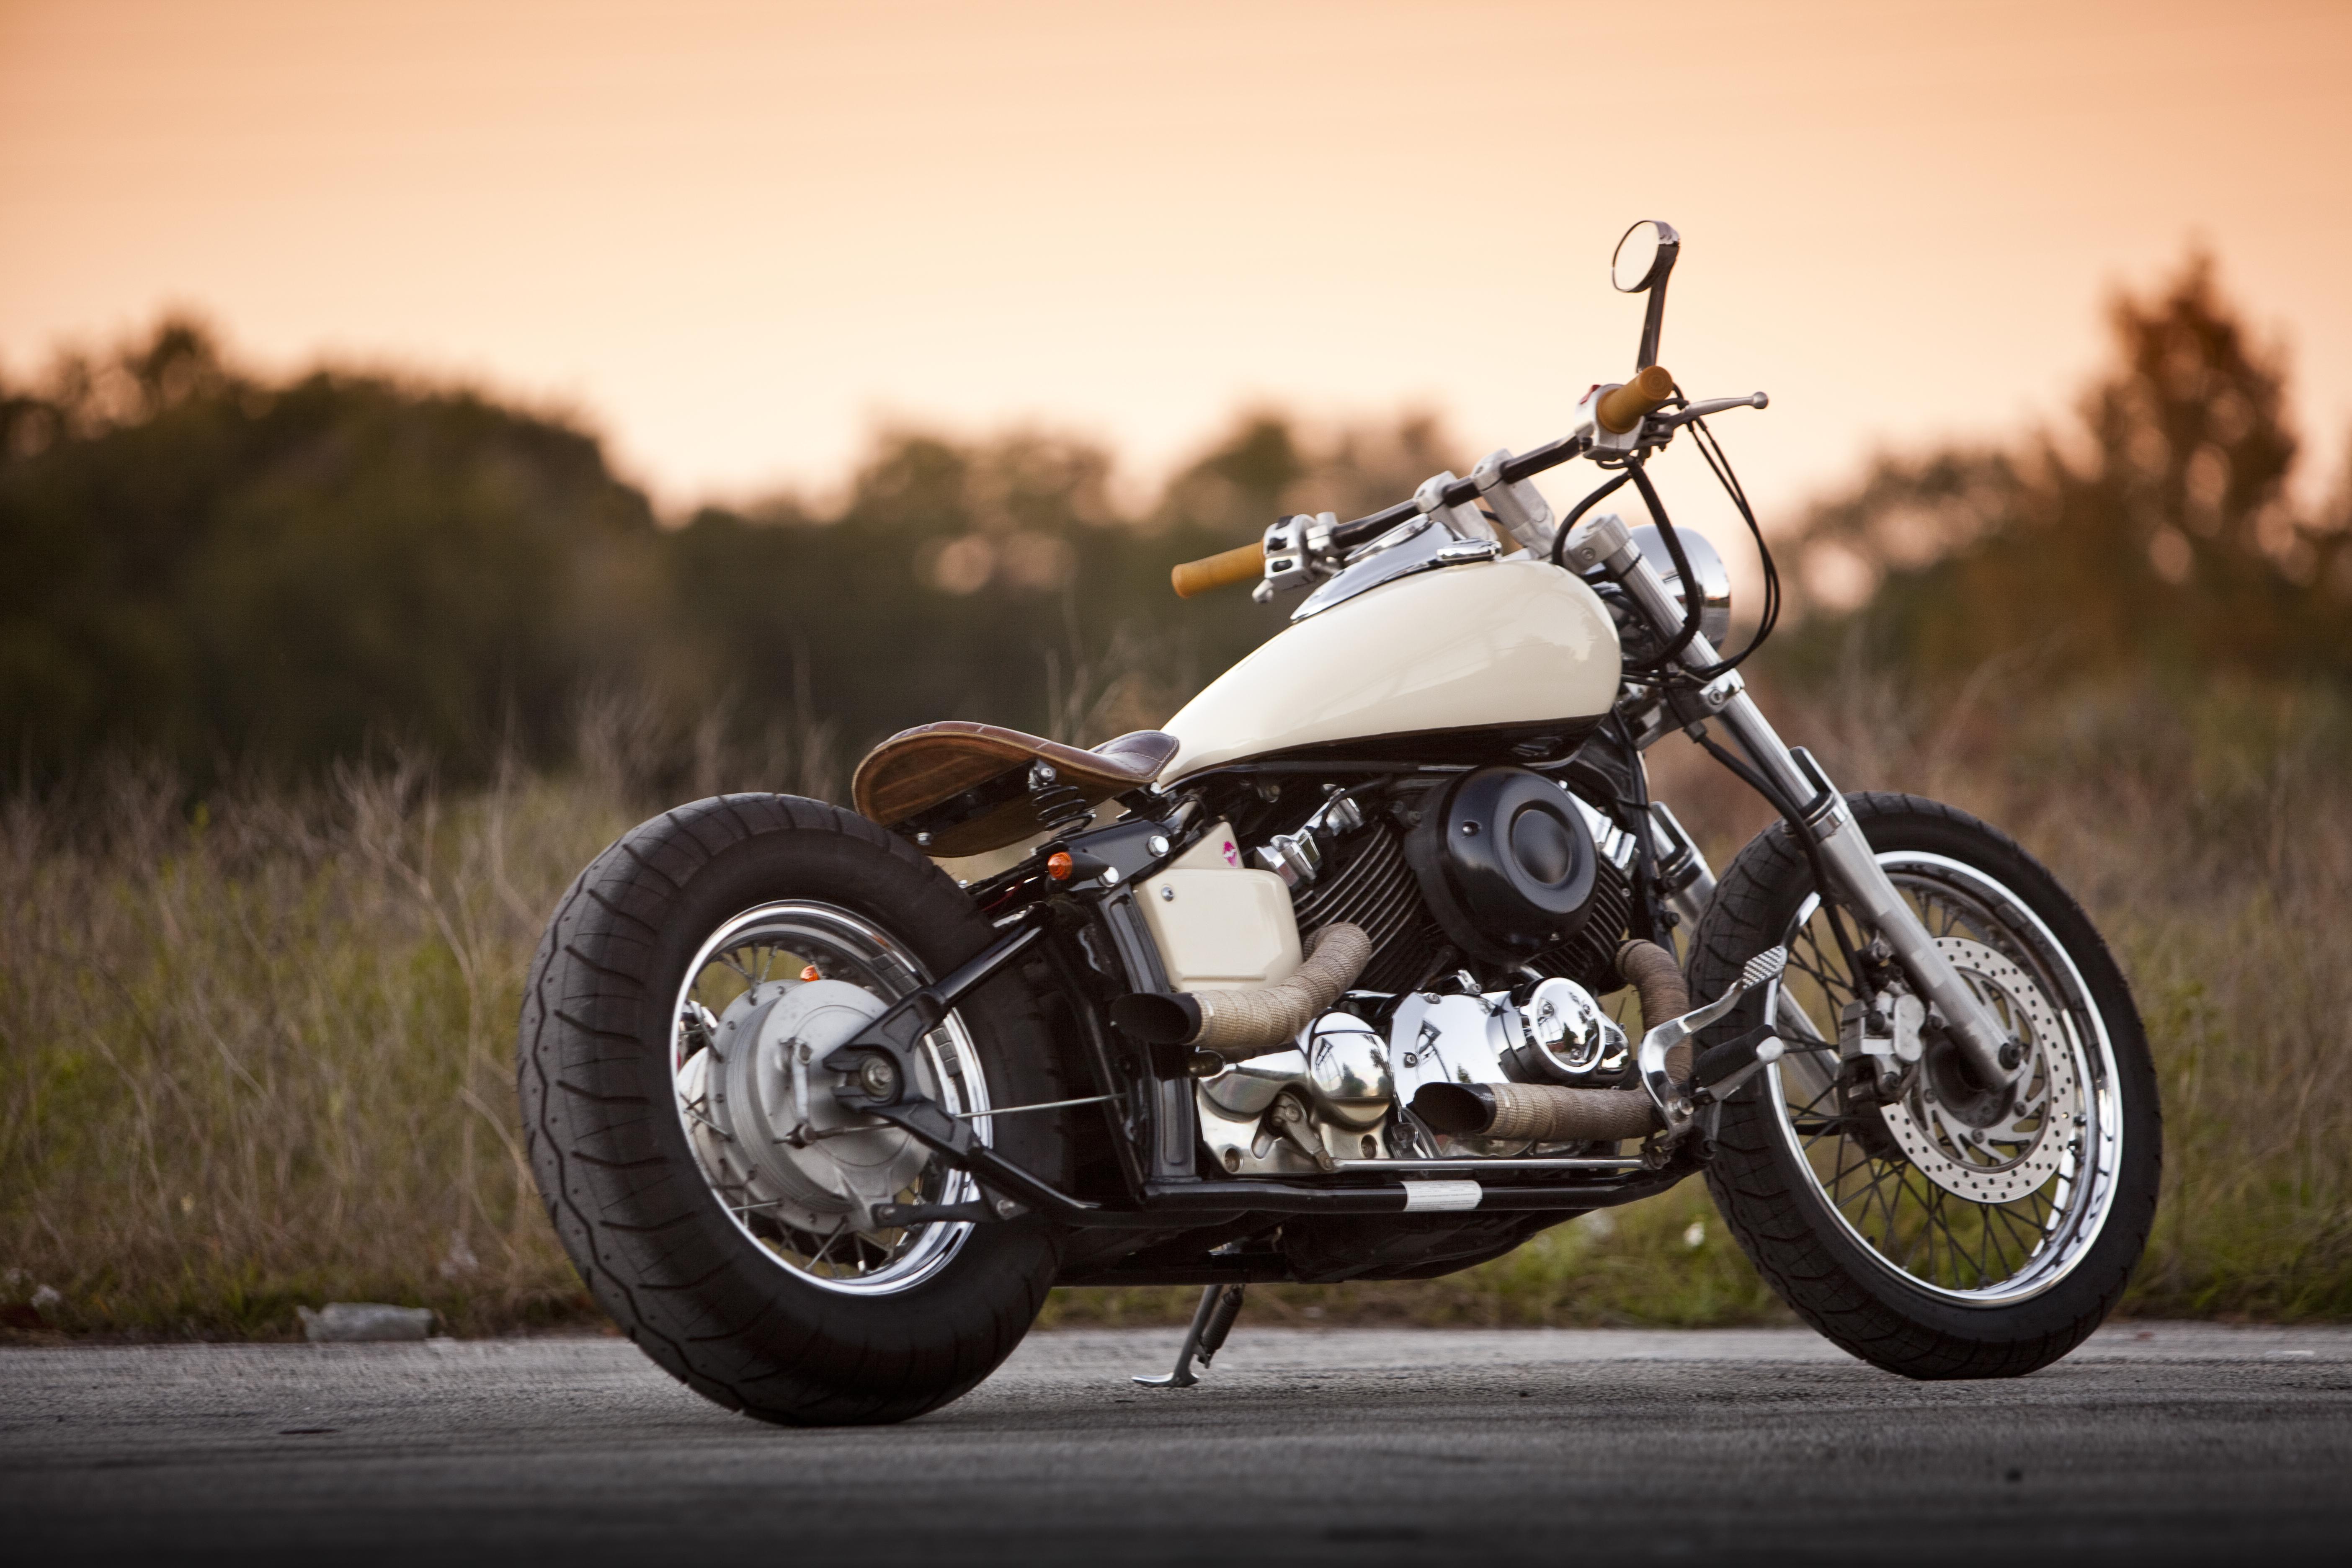 109189 скачать обои Мотоциклы, Yamaha 650, Ямаха (Yamaha), Мотоцикл, Байк - заставки и картинки бесплатно